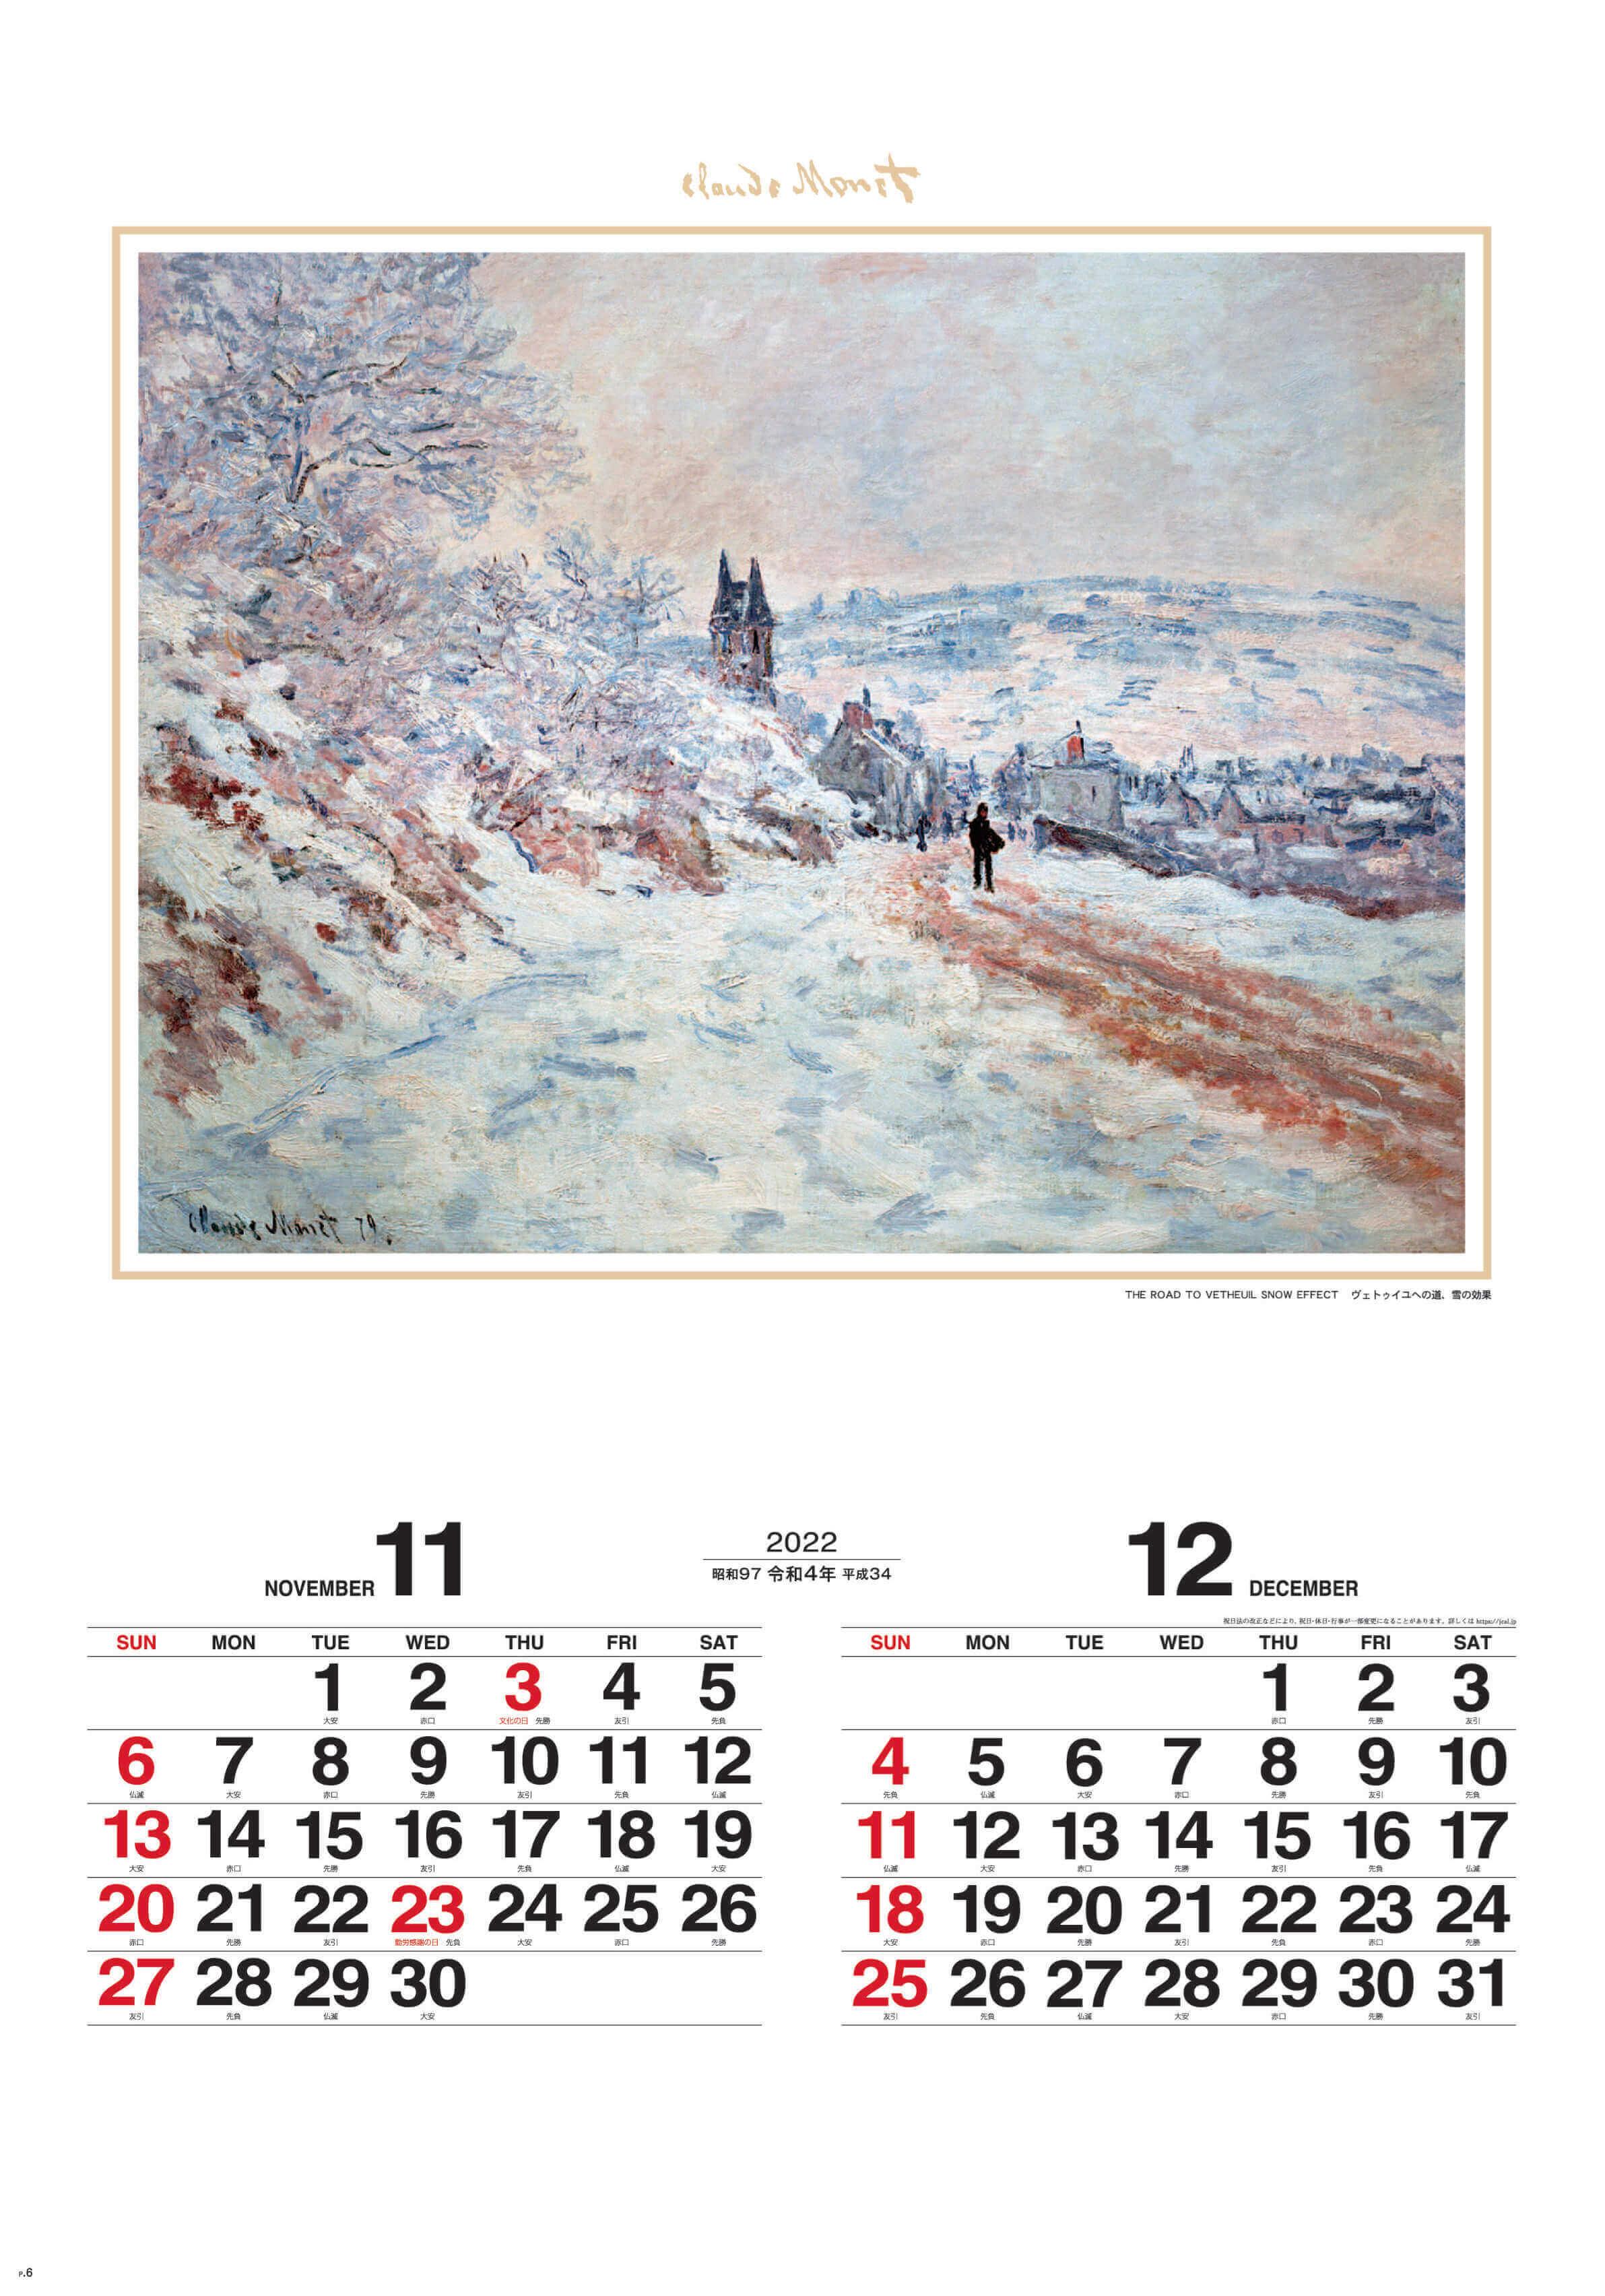 11-12月 ヴェトゥイユへの道、雪の効果 モネ絵画集(フィルムカレンダー) 2022年カレンダーの画像